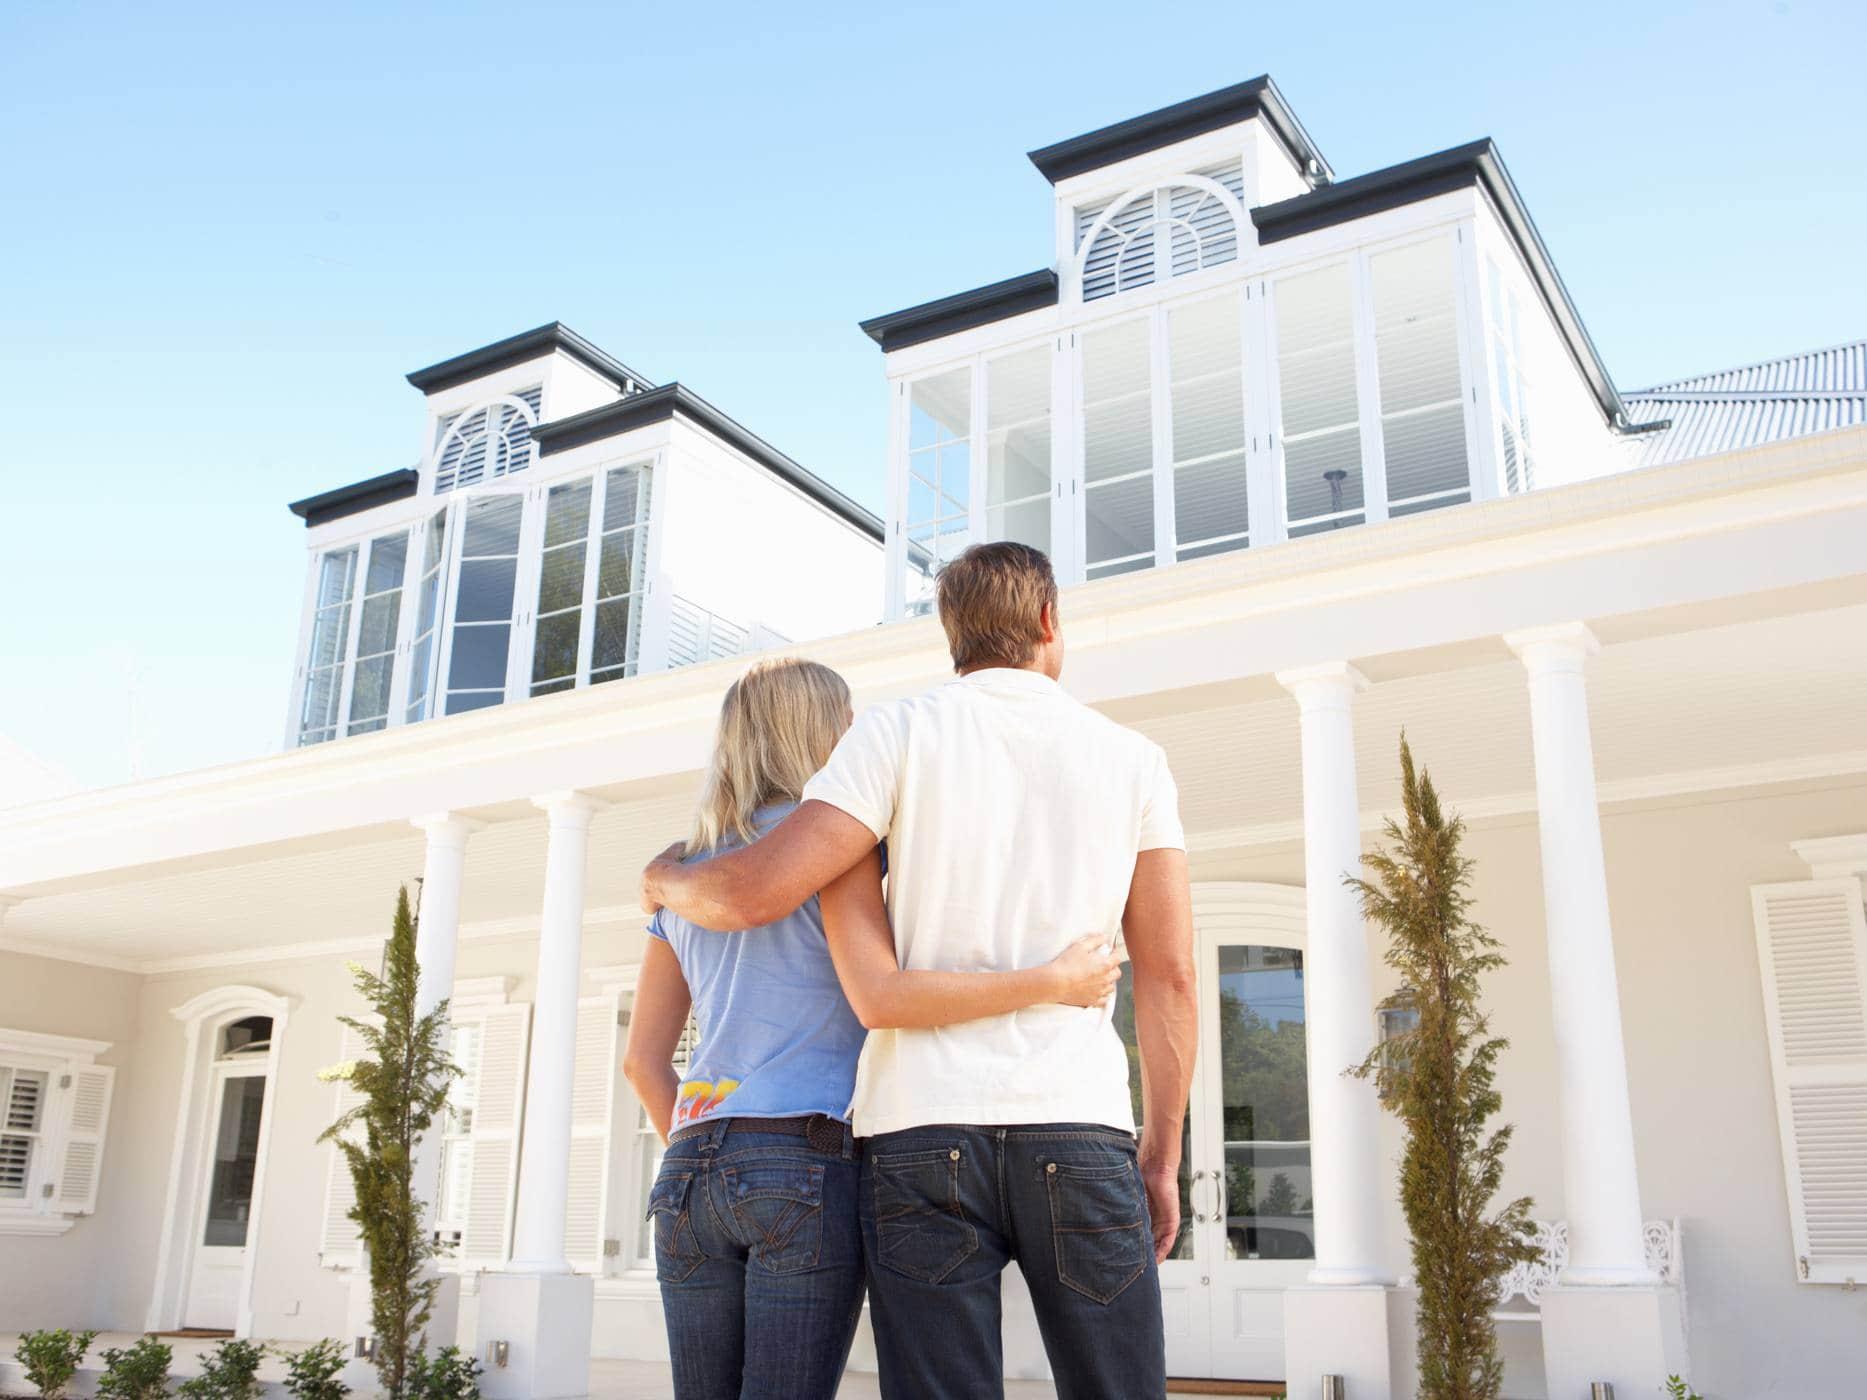 программа TLC: Джек пот: мы покупаем дом! Младшая сестра в большом доме